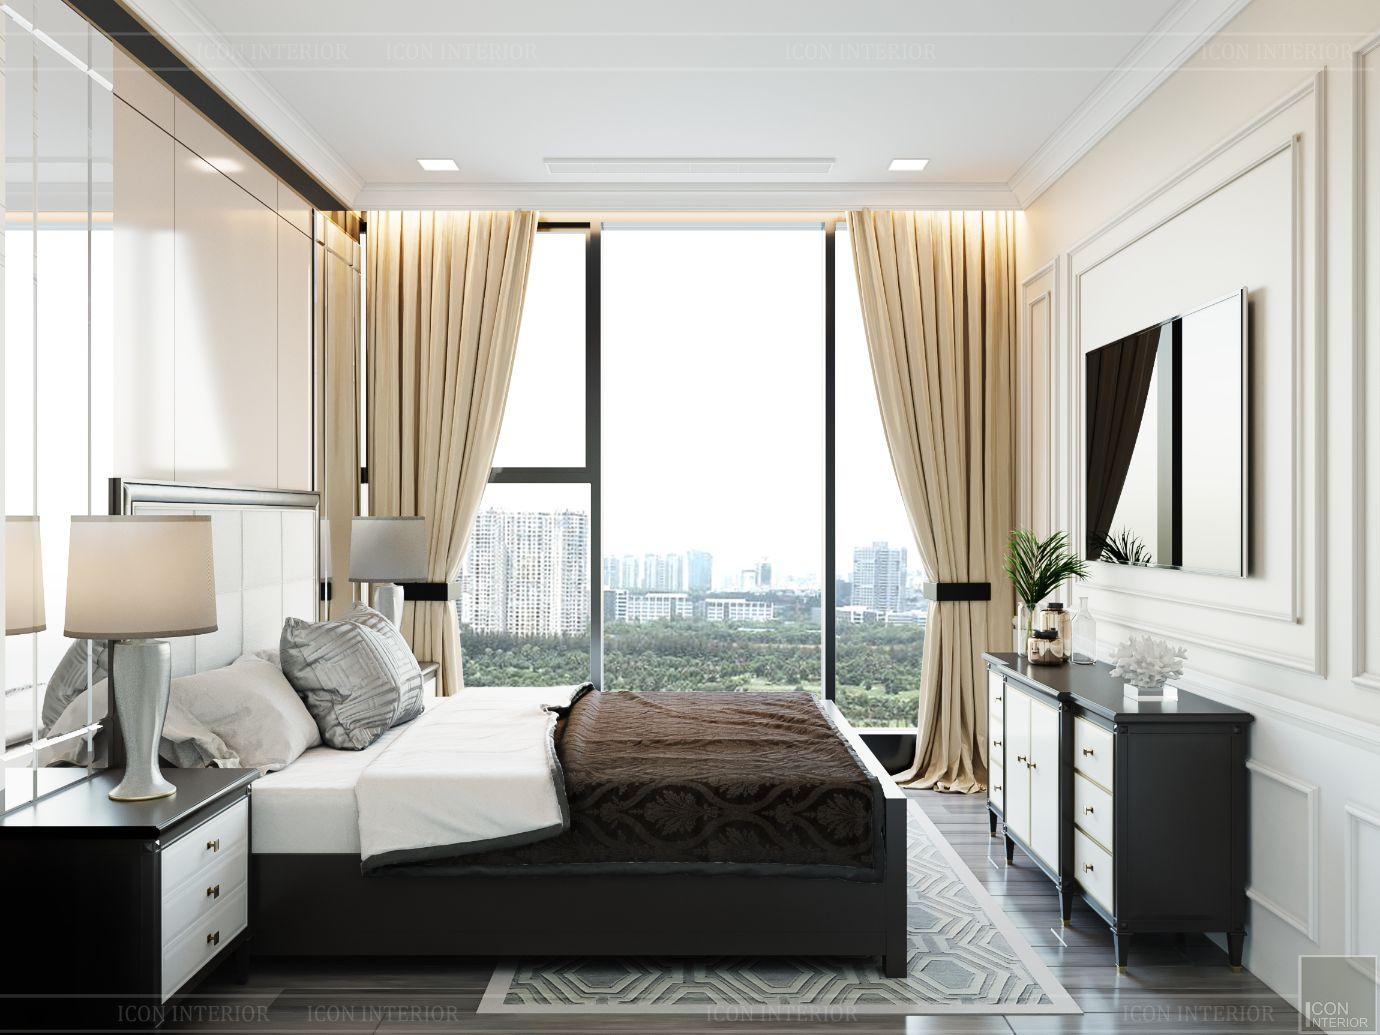 thiết kế chung cư 3 phòng ngủ - phòng ngủ nhỏ 3